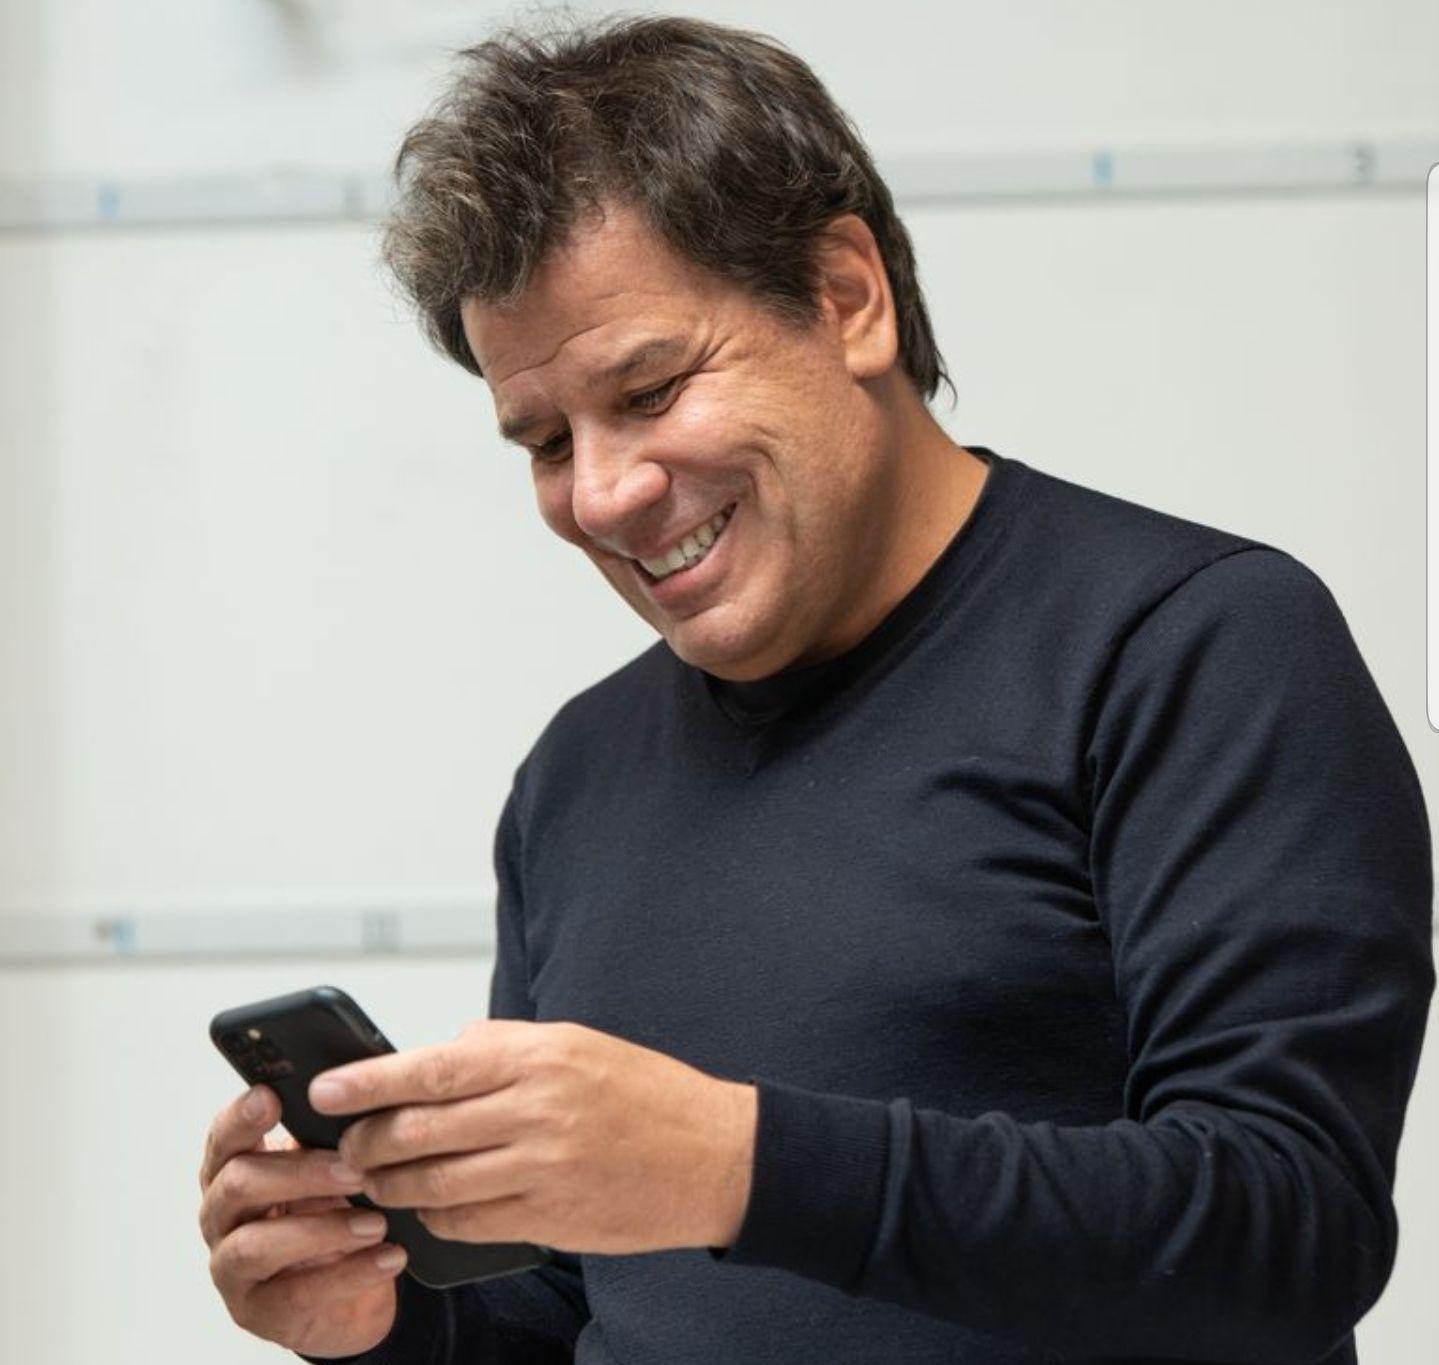 Muchos platenses mostraron su indignación en redes por recibir en el celular un SMS de Facundo Manes